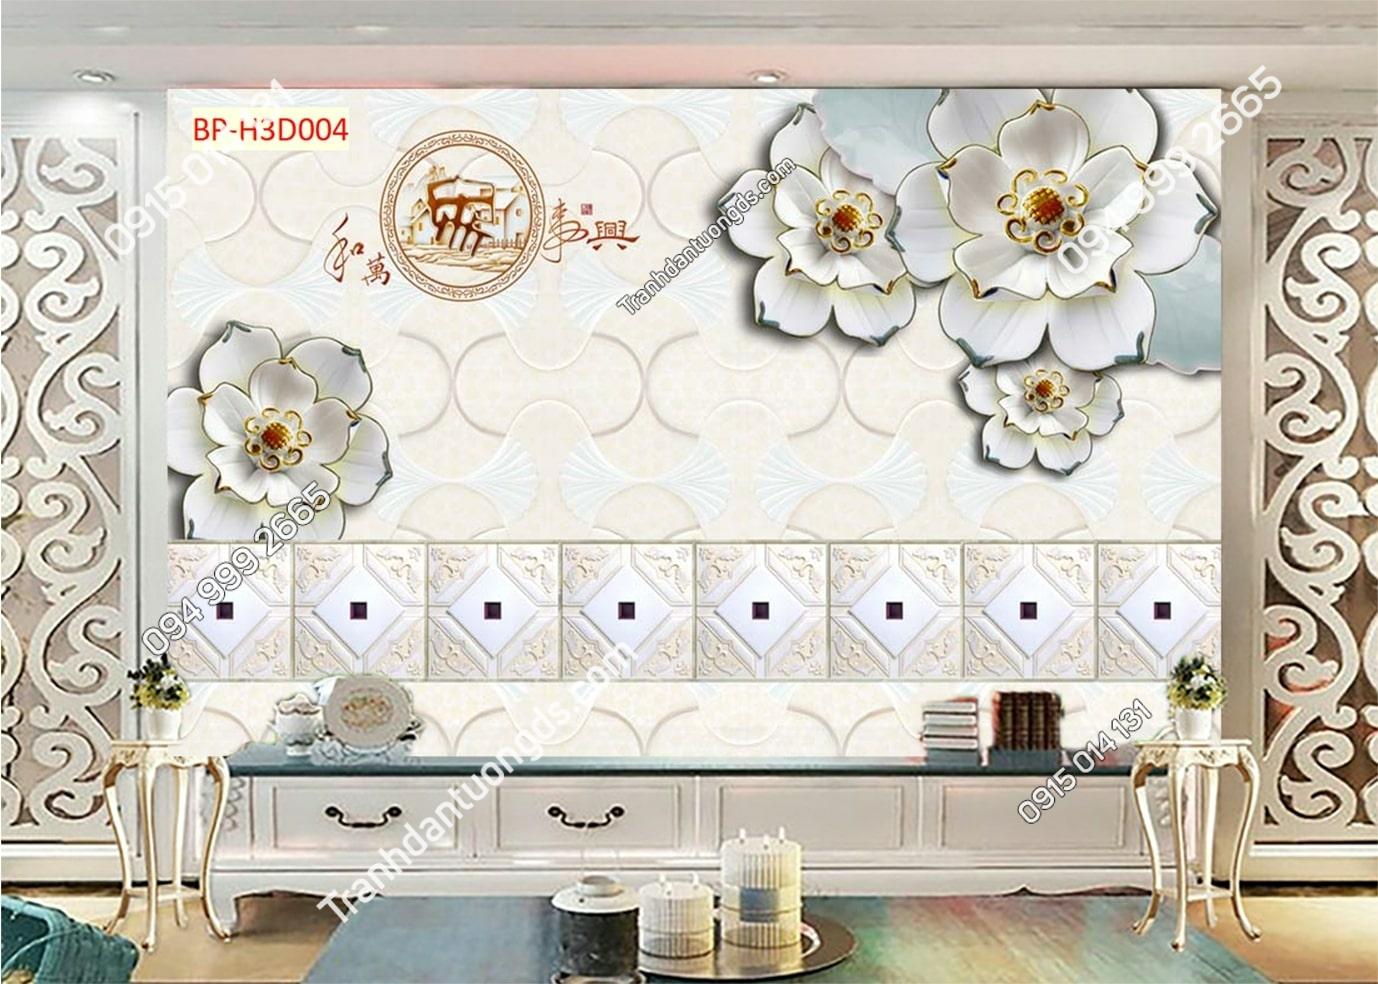 Tranh dán tường hoa 3D trắng giả ngọc H3D004